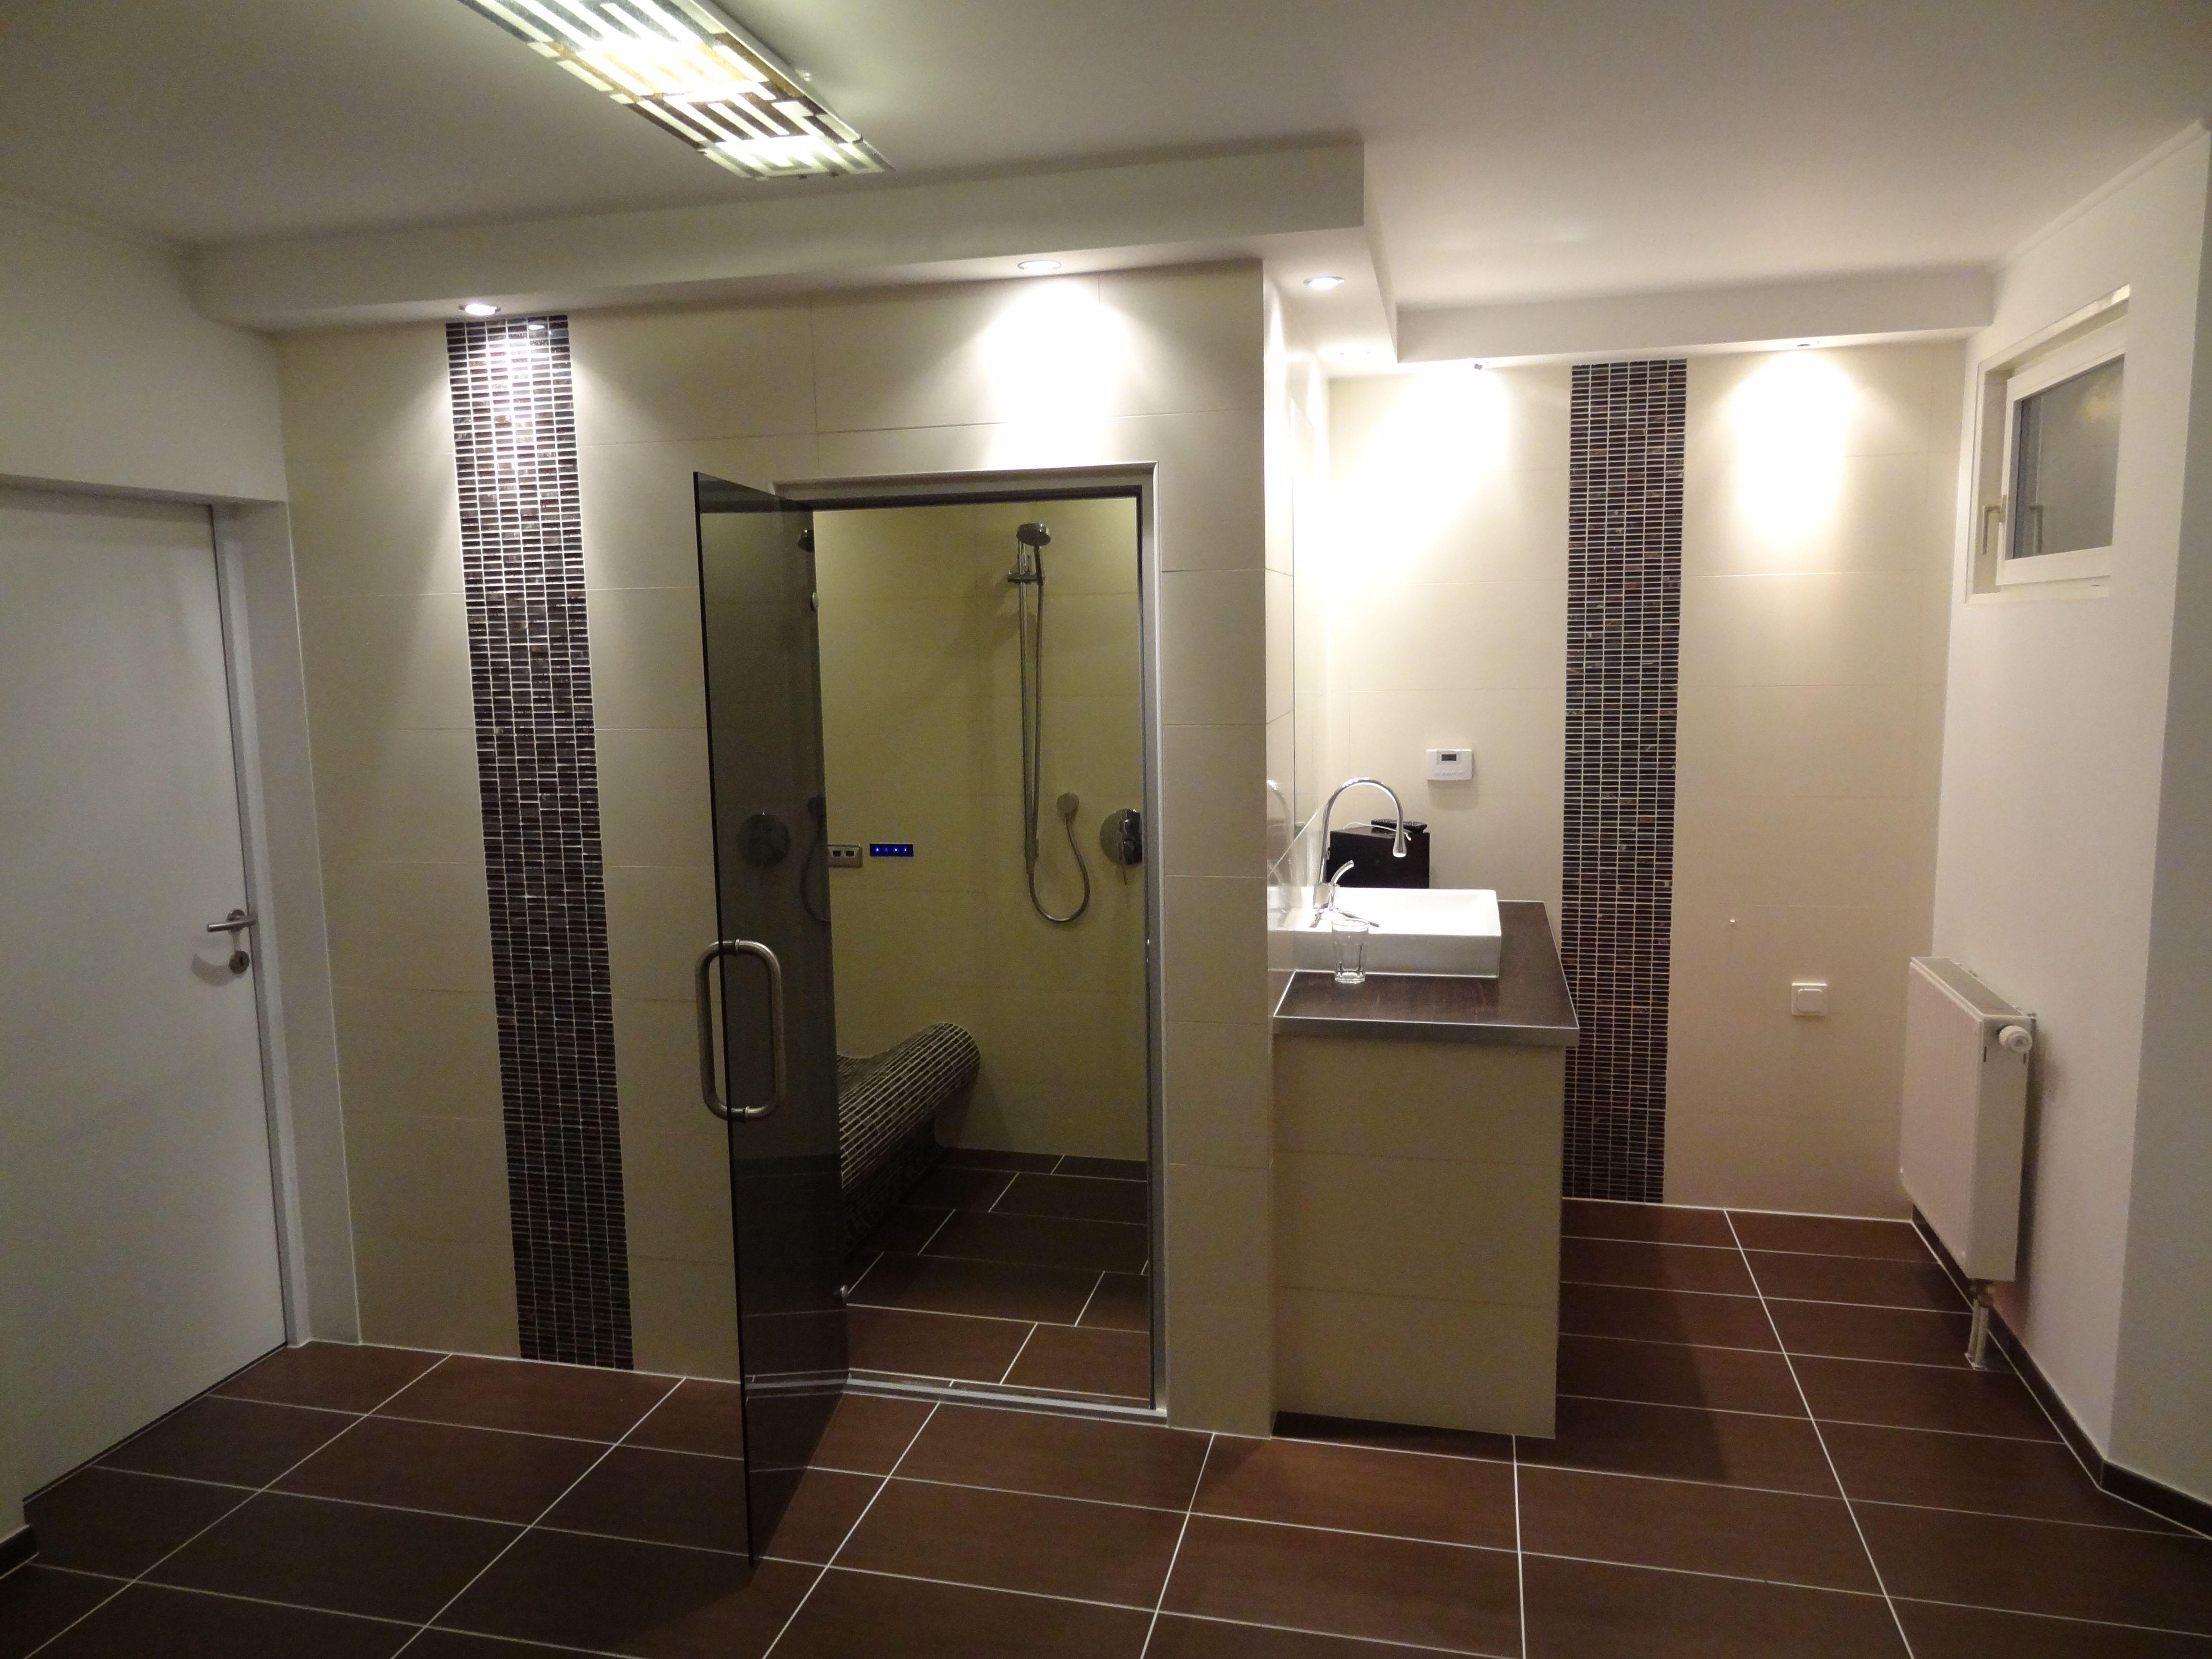 dampfbad im badezimmer tolle images der feaccecadf